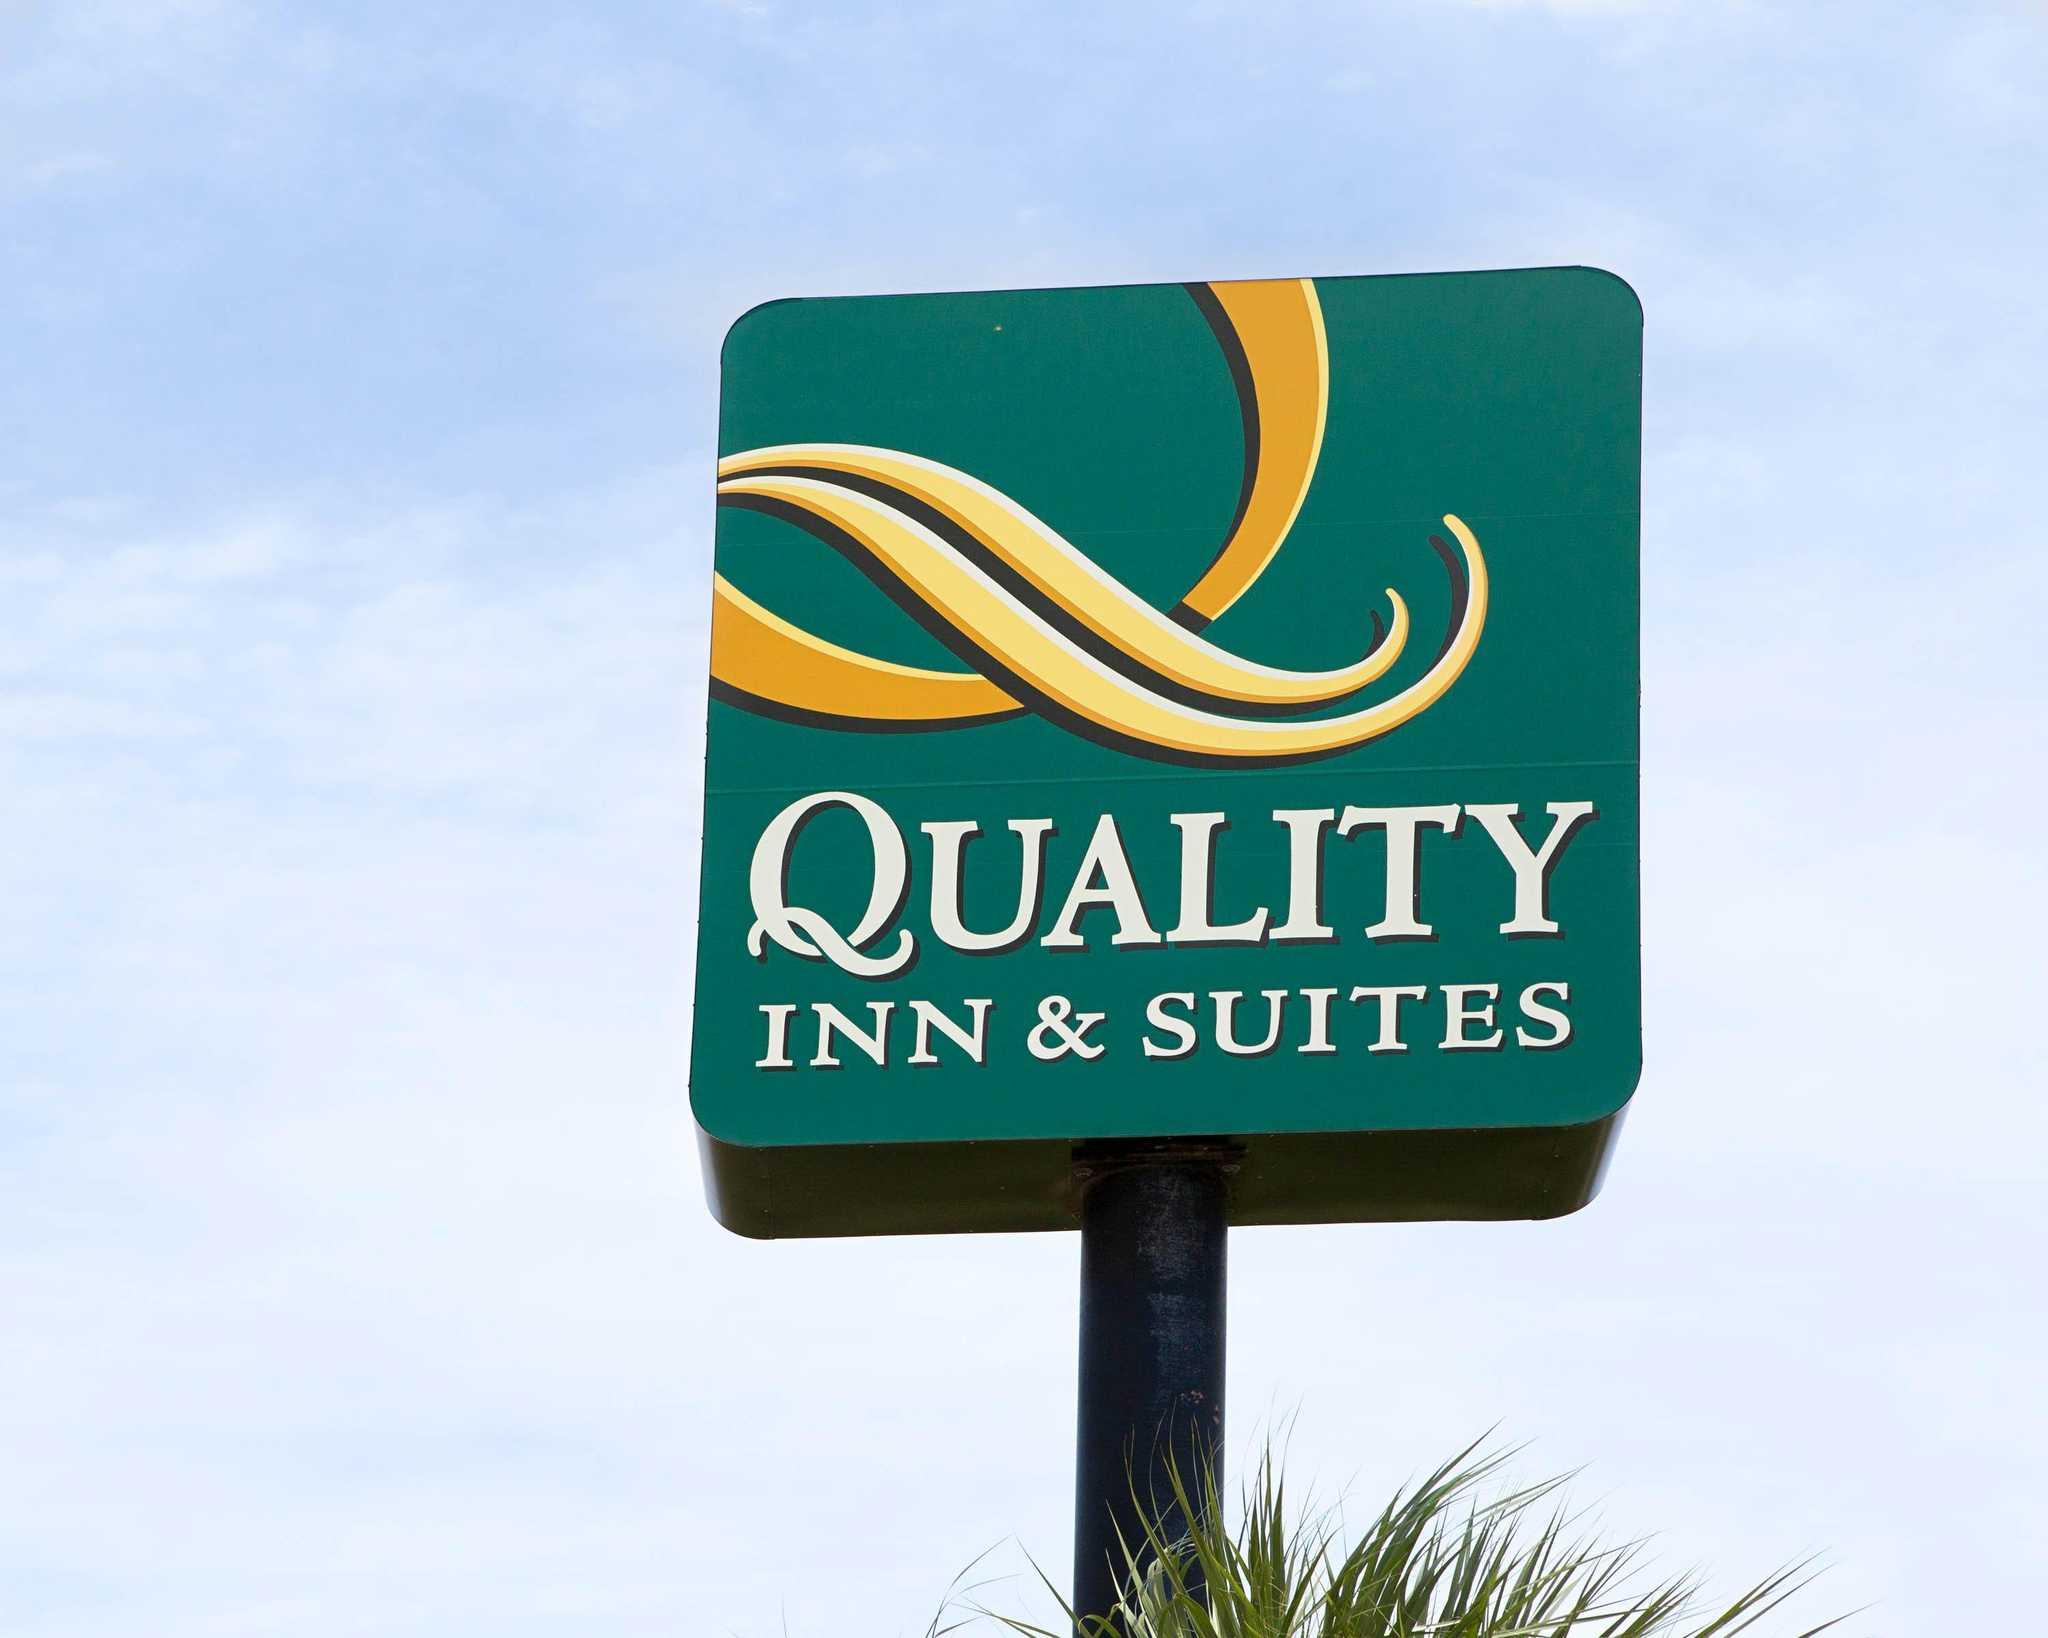 Quality inn suites coupons la porte tx near me 8coupons for La porte tx phone book